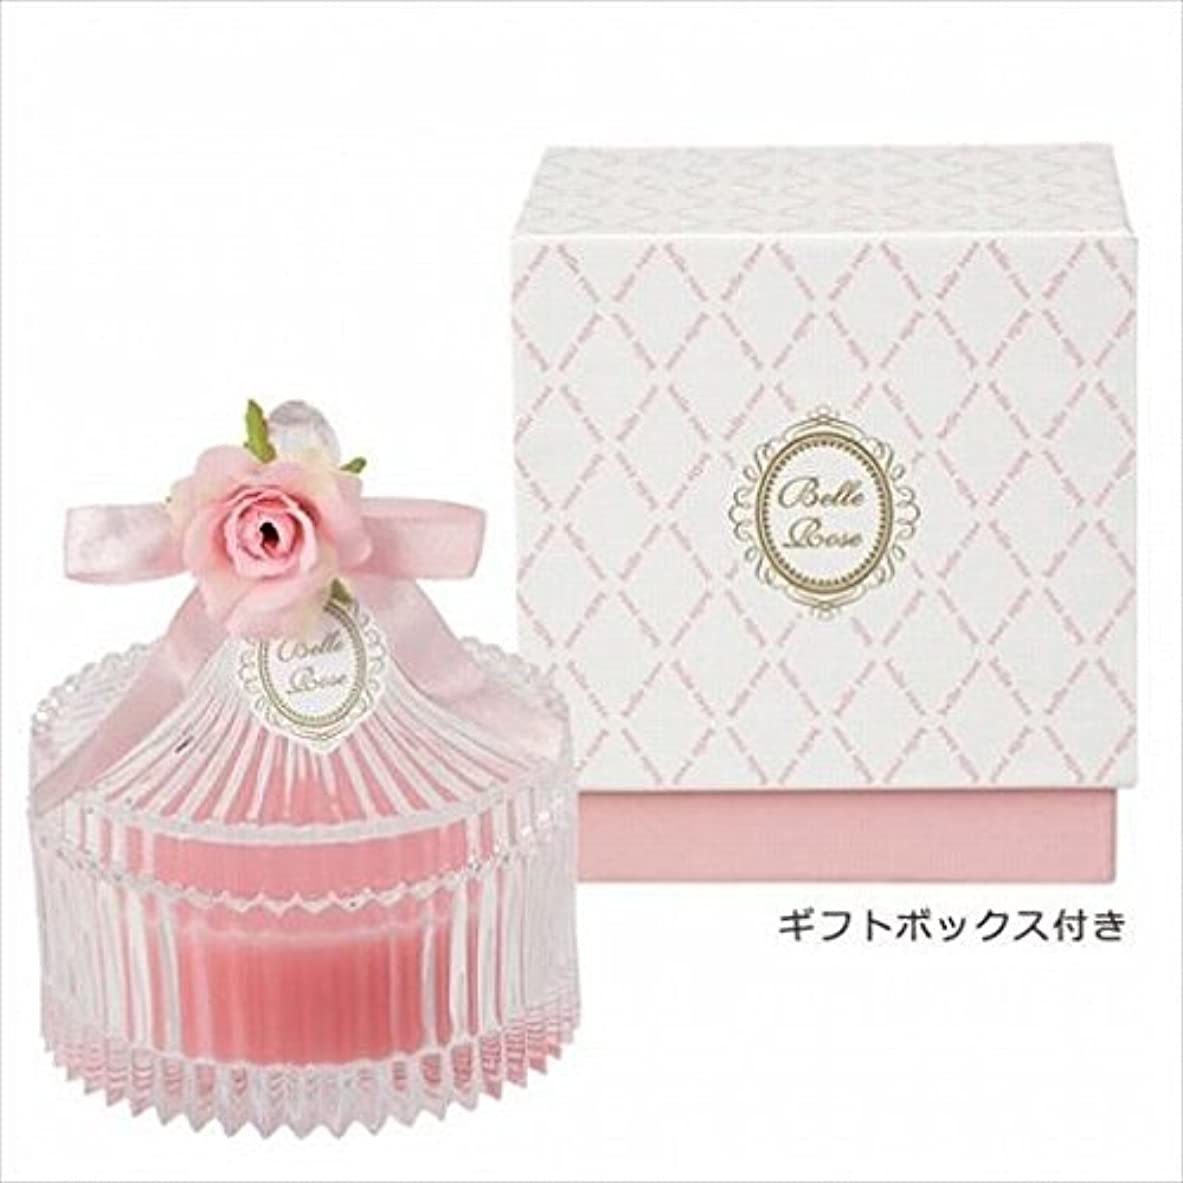 取り付けセマフォ望まないkameyama candle(カメヤマキャンドル) ベルローズキャニスター 「 ピンク 」 キャンドル(A5920500PK)